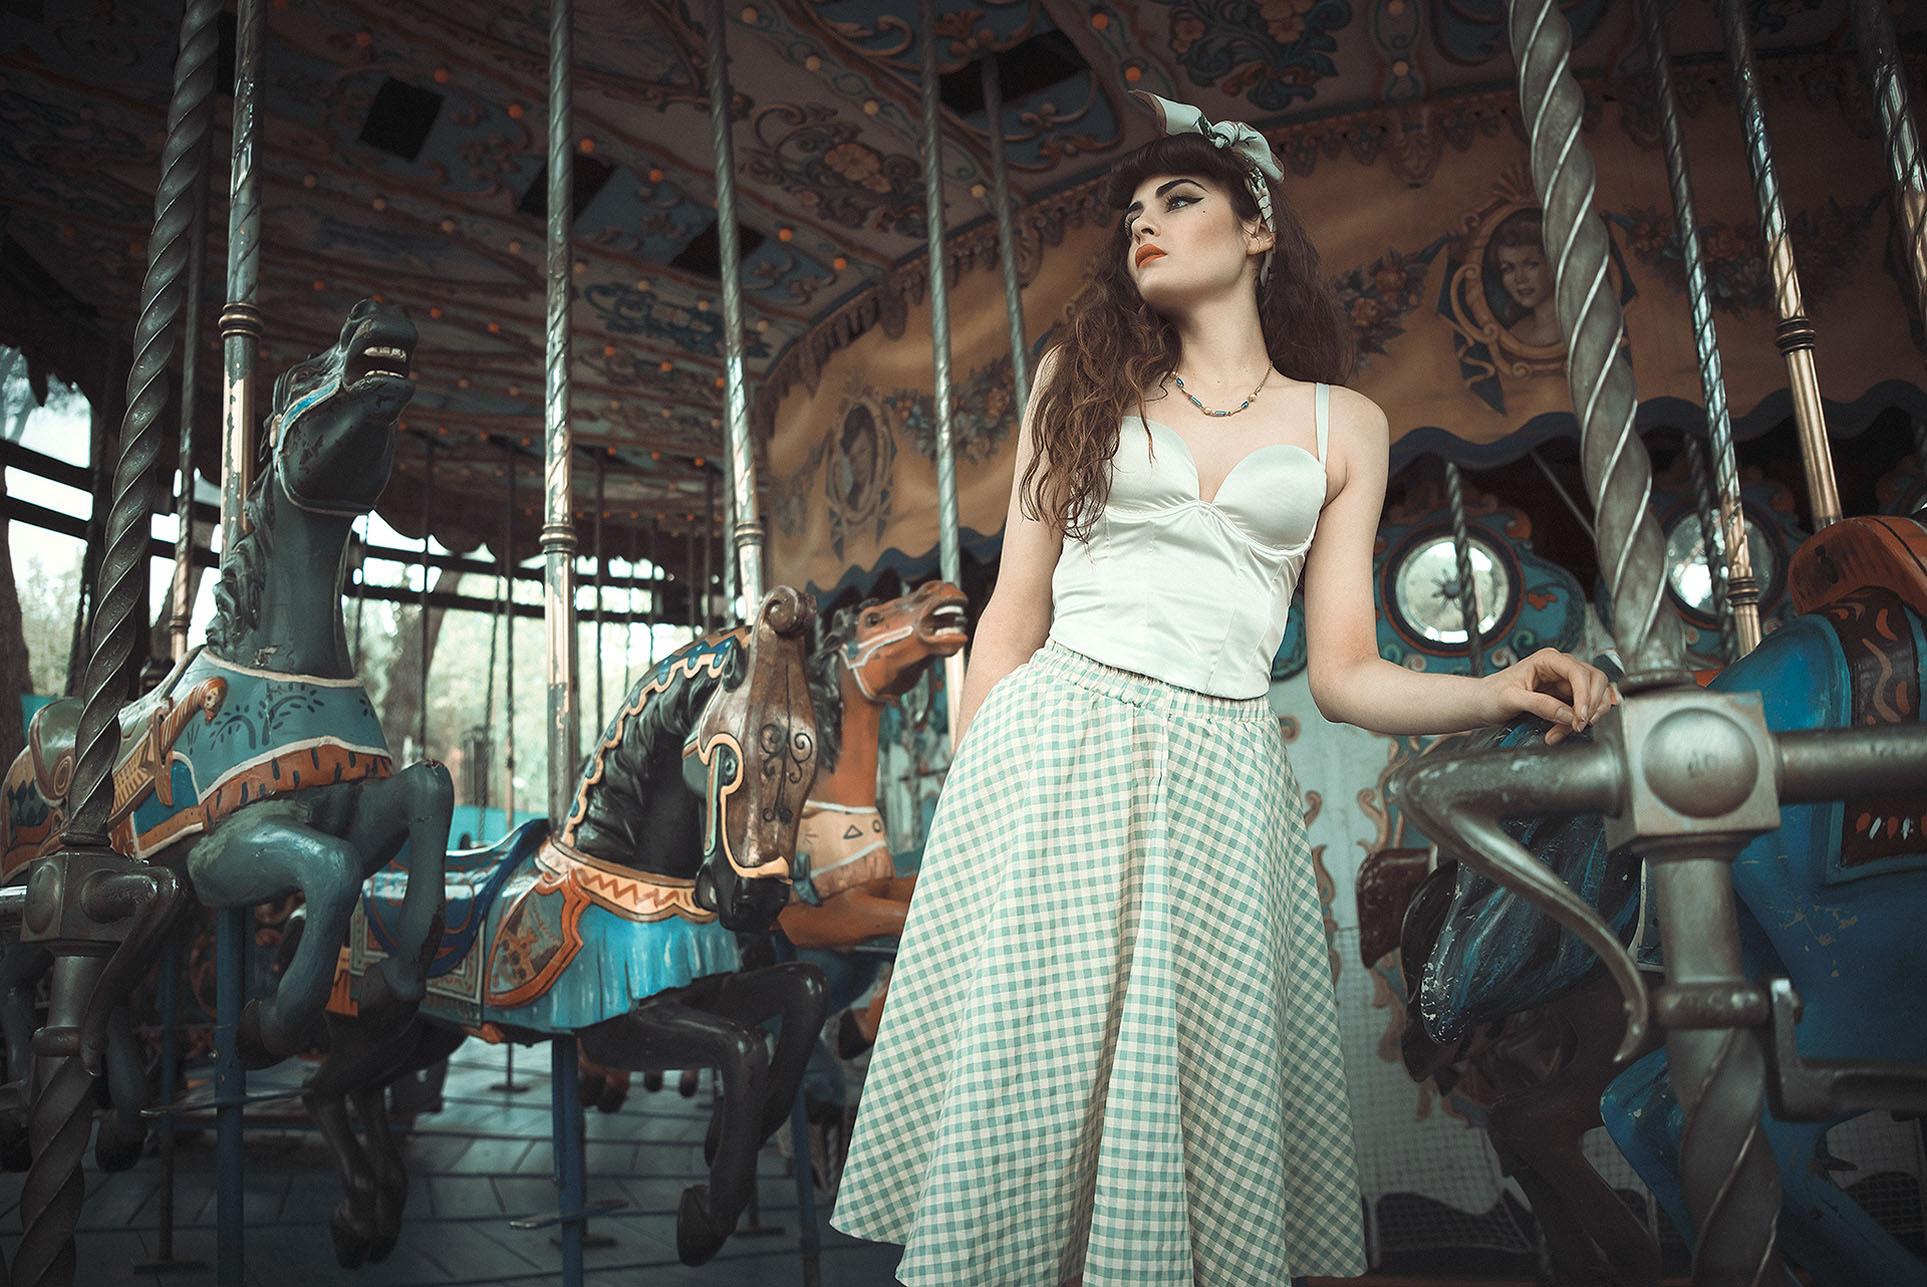 Девушки отдыхают в парке развлечений в стиле 1950-х годов / фото 08